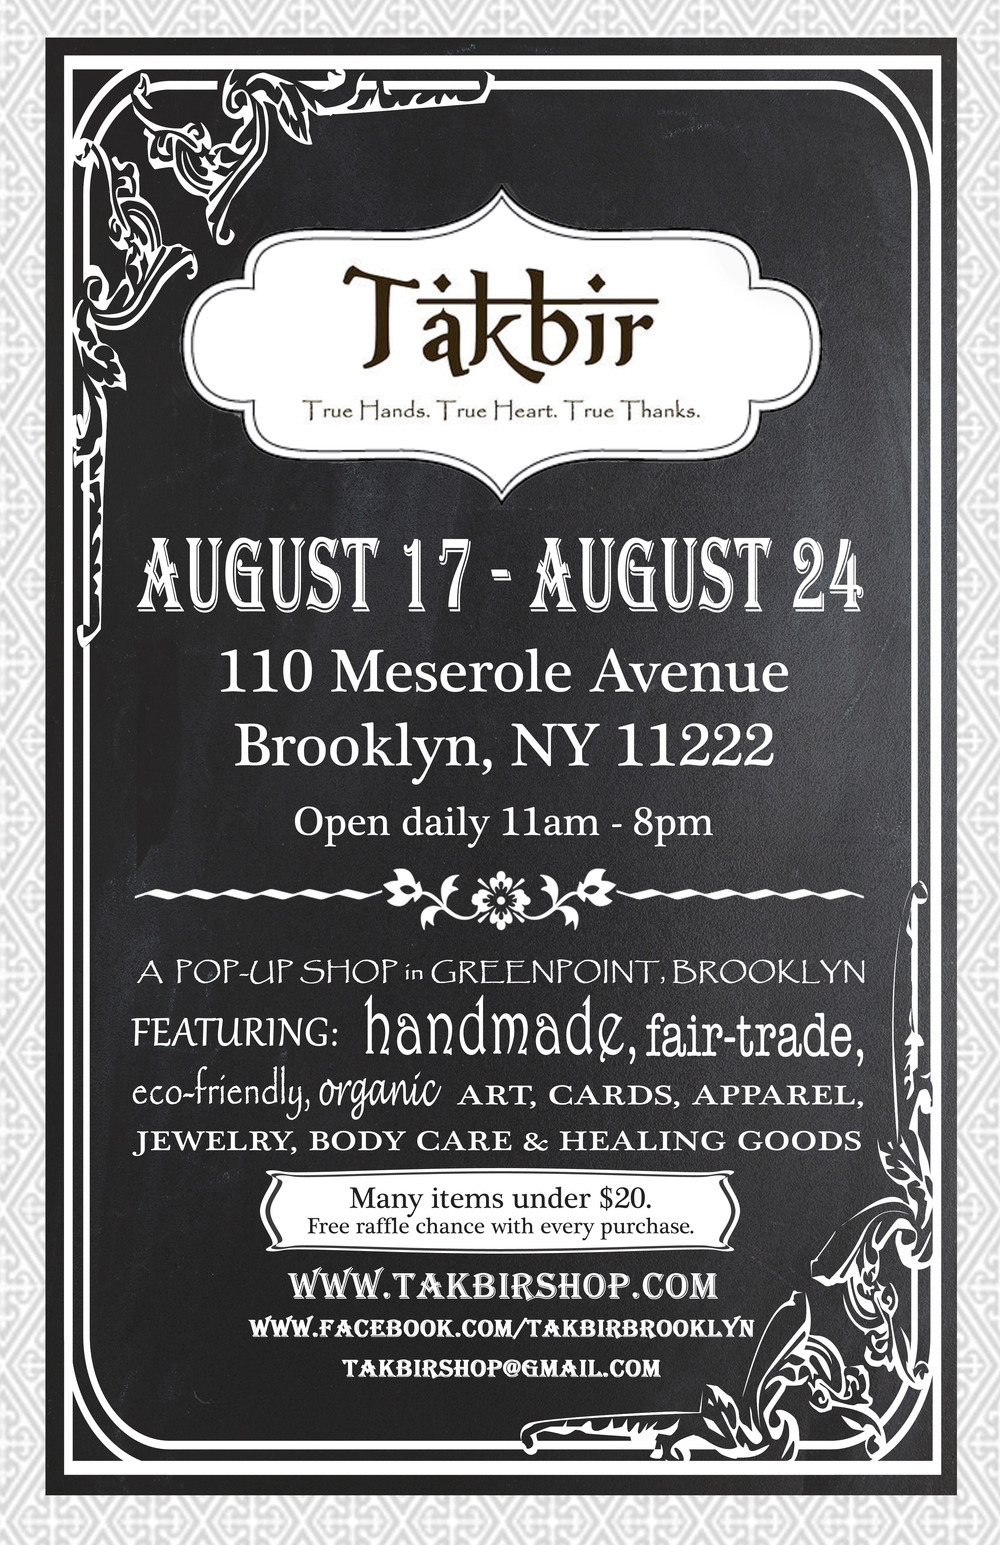 Takbir poster.jpg